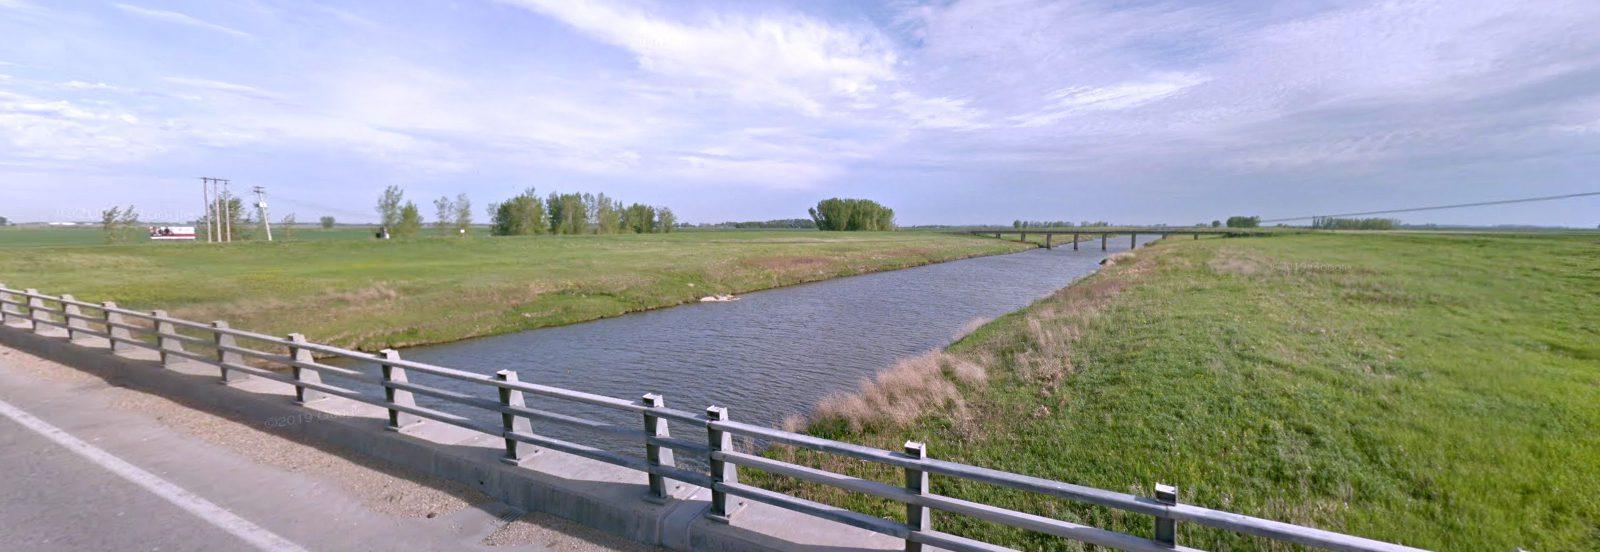 MB - Portage la Prairie - Assiniboine River Diversion Canal